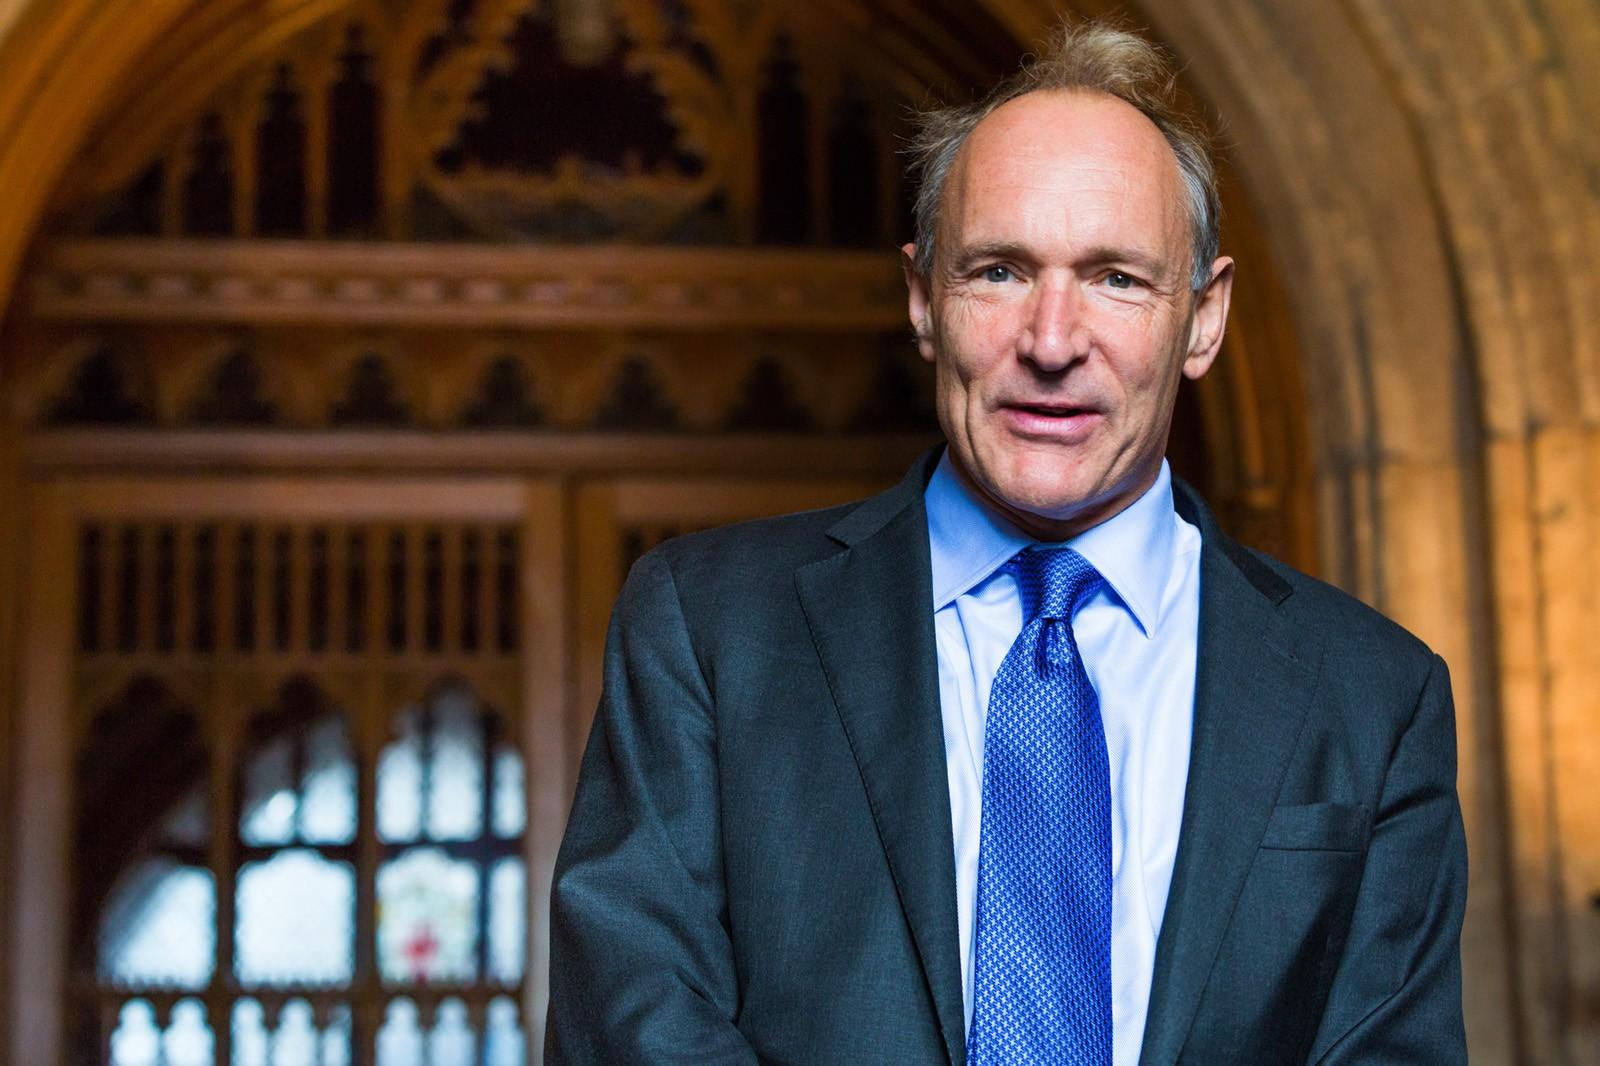 全球資訊網的發明人 Tim Berners Lee 圖片來源:Paul Clarke@wikipedia, by CC 4.0